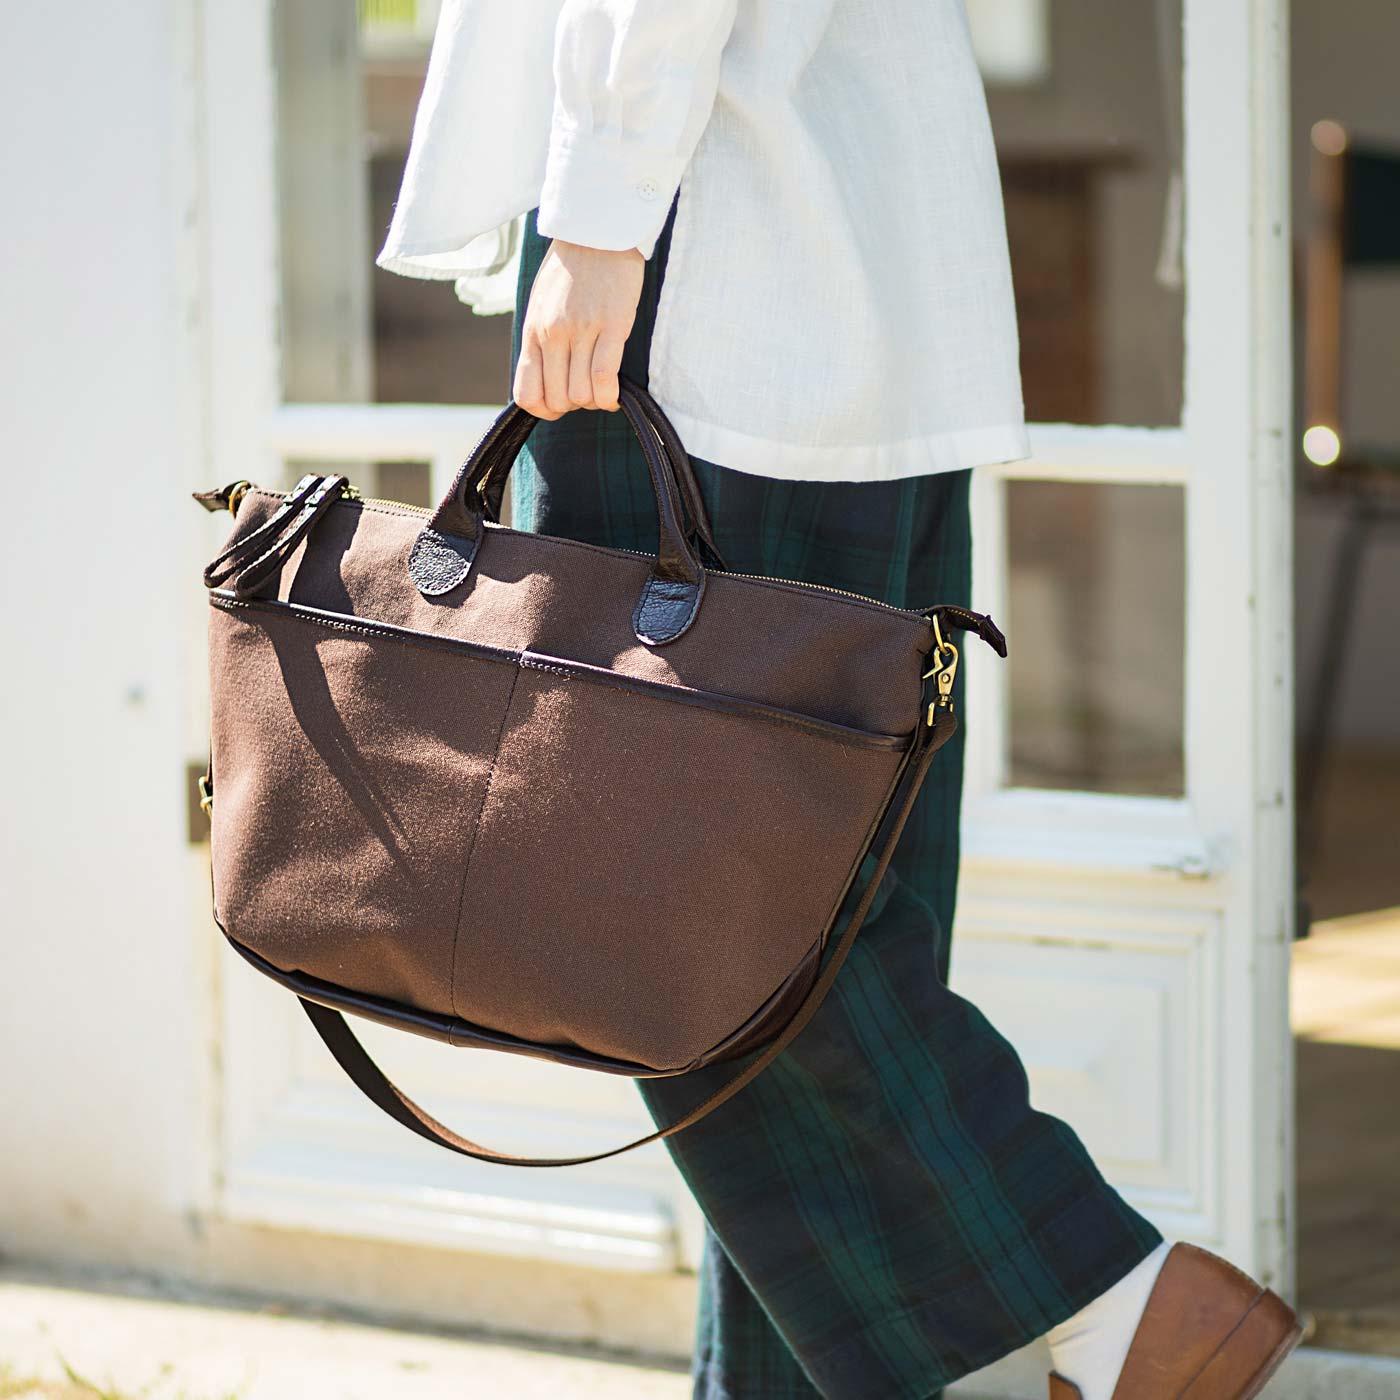 2-WAY 帆布(はんぷ)側には、フロントに大きなポケット付き。